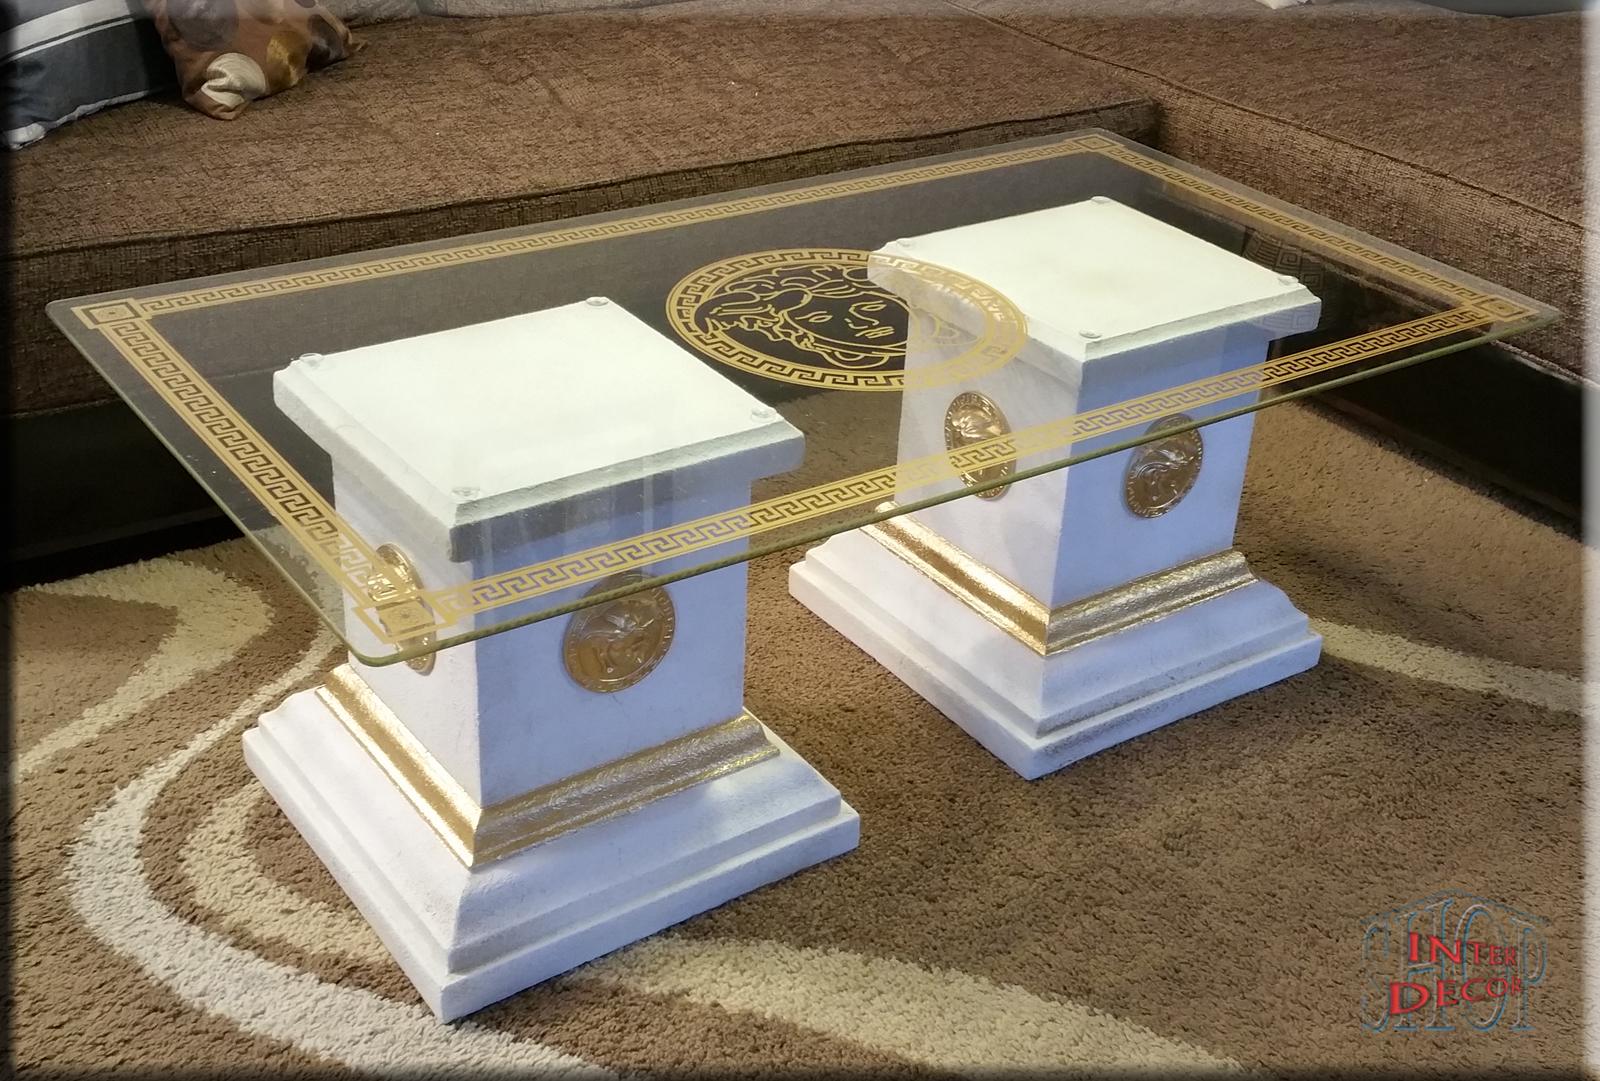 Designer Couchtisch   Säulen Aus Stuckgips   Farbe Weiß Patiniert Mit  Golddekor   Versace